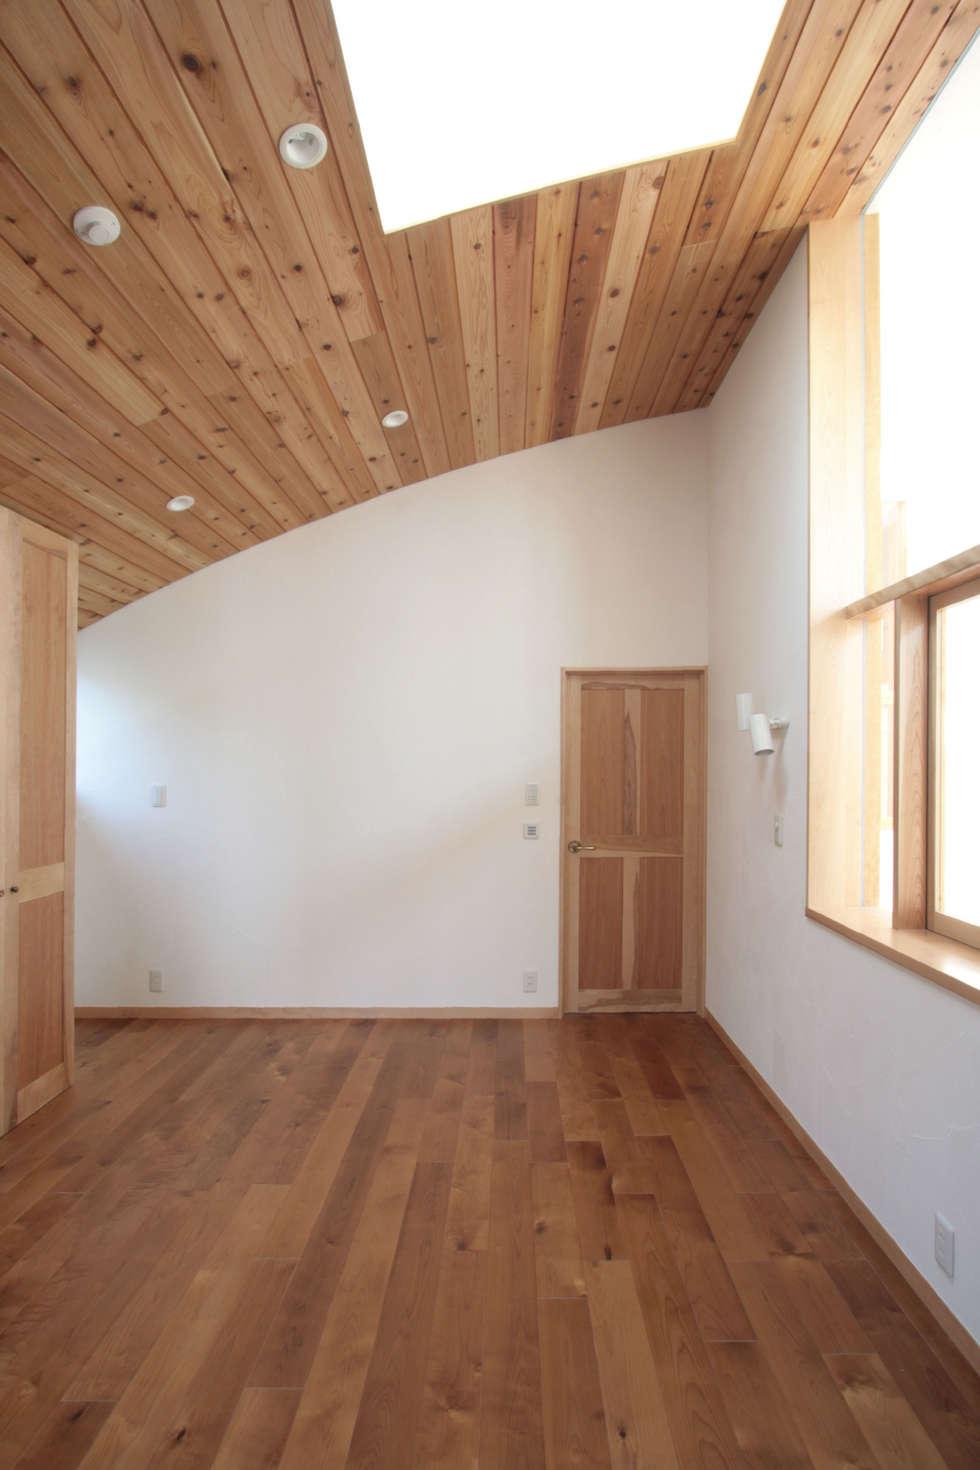 主寝室: 中川龍吾建築設計事務所が手掛けた寝室です。